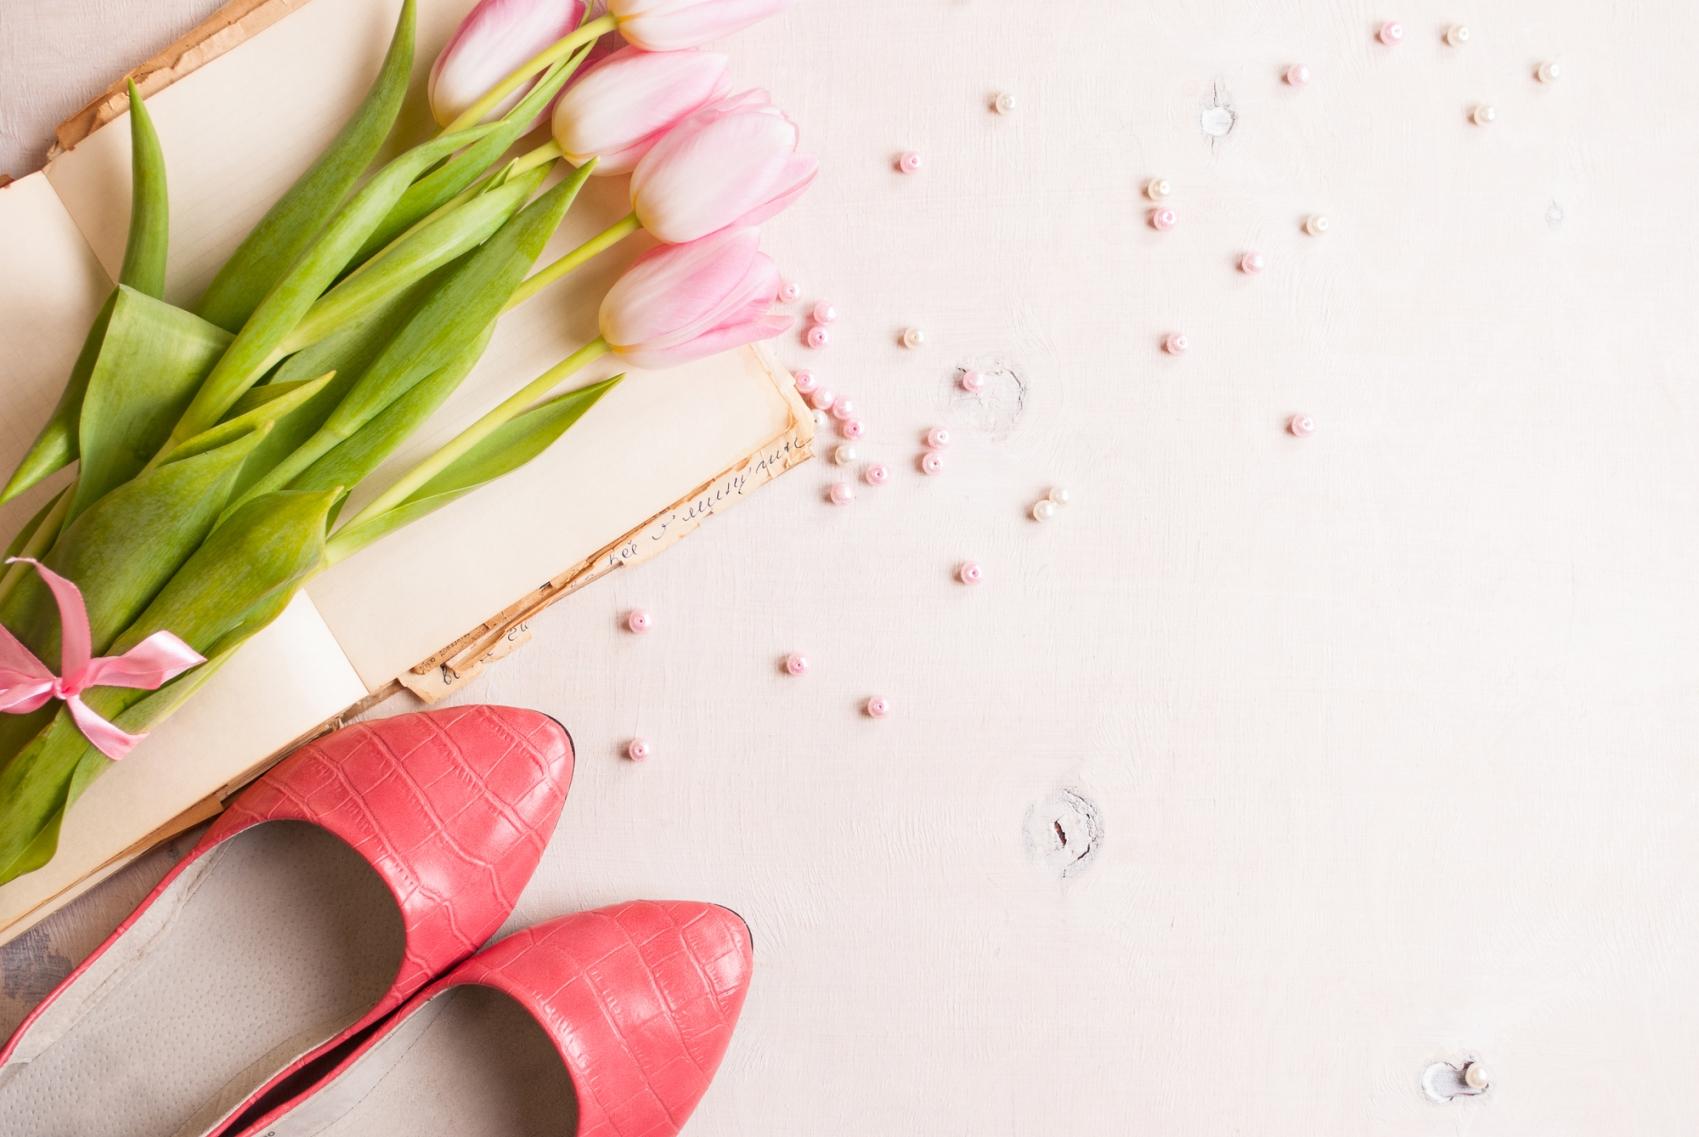 Baleriny - idealne buty damskie na wiosnę